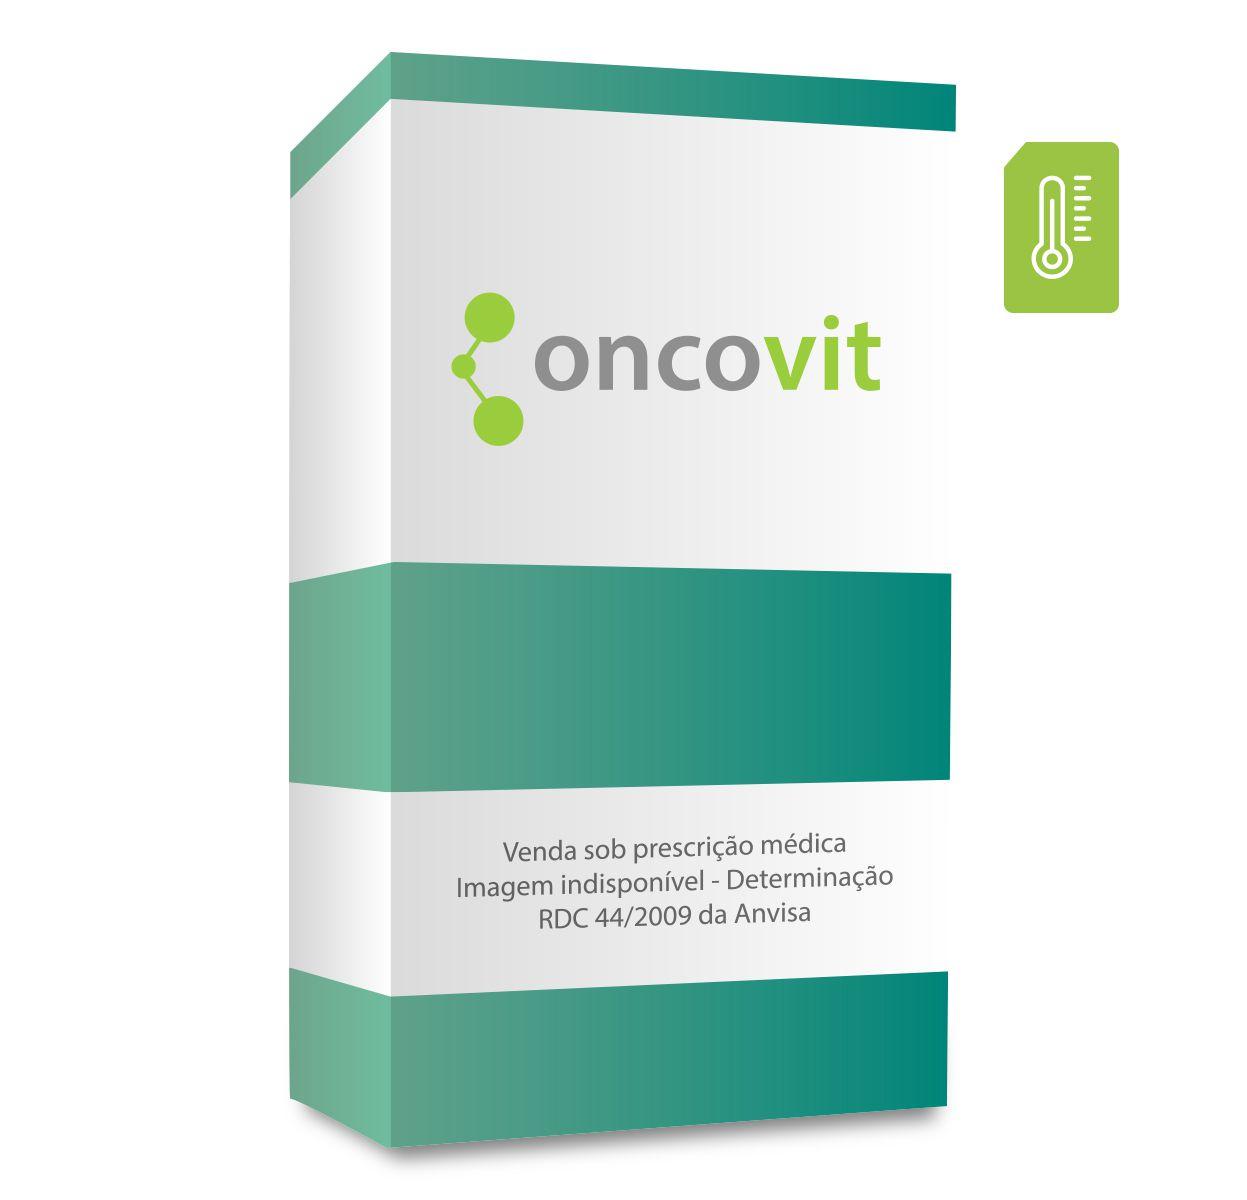 Evodazin 200mg, caixa com 1 frasco-ampola com 20mL de pó para solução de uso intravenoso (embalagem hospitalar)